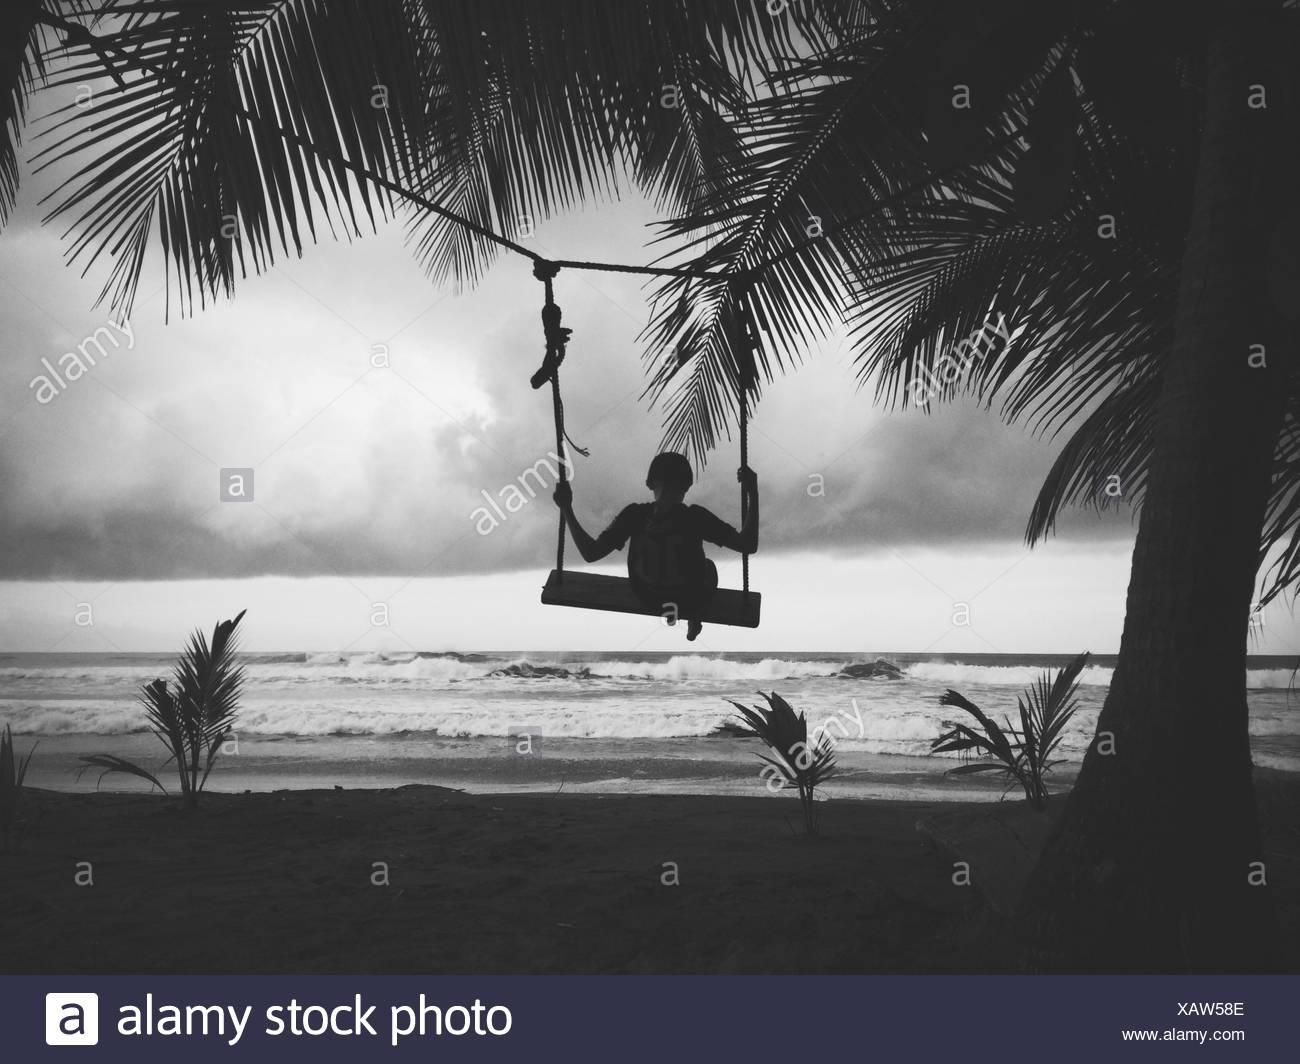 Silueta de muchacho sentado en un columpio en la playa Imagen De Stock